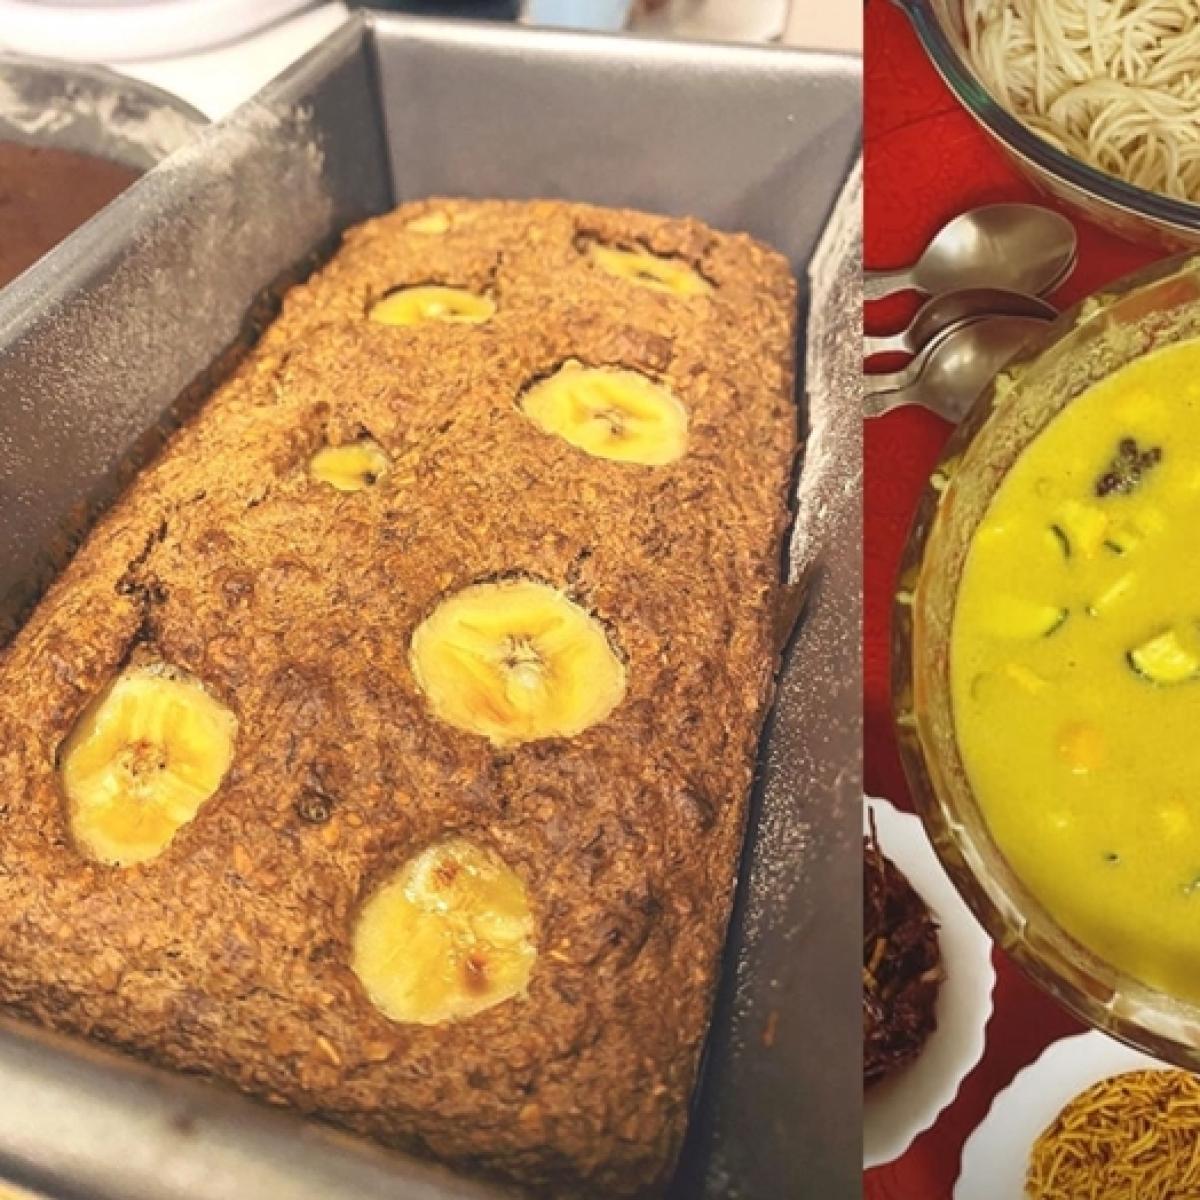 Quarantine Diaries: Easy recipes to make Alia Bhatt's Banana Bread, Mira Kapoor's Khao Suey at home